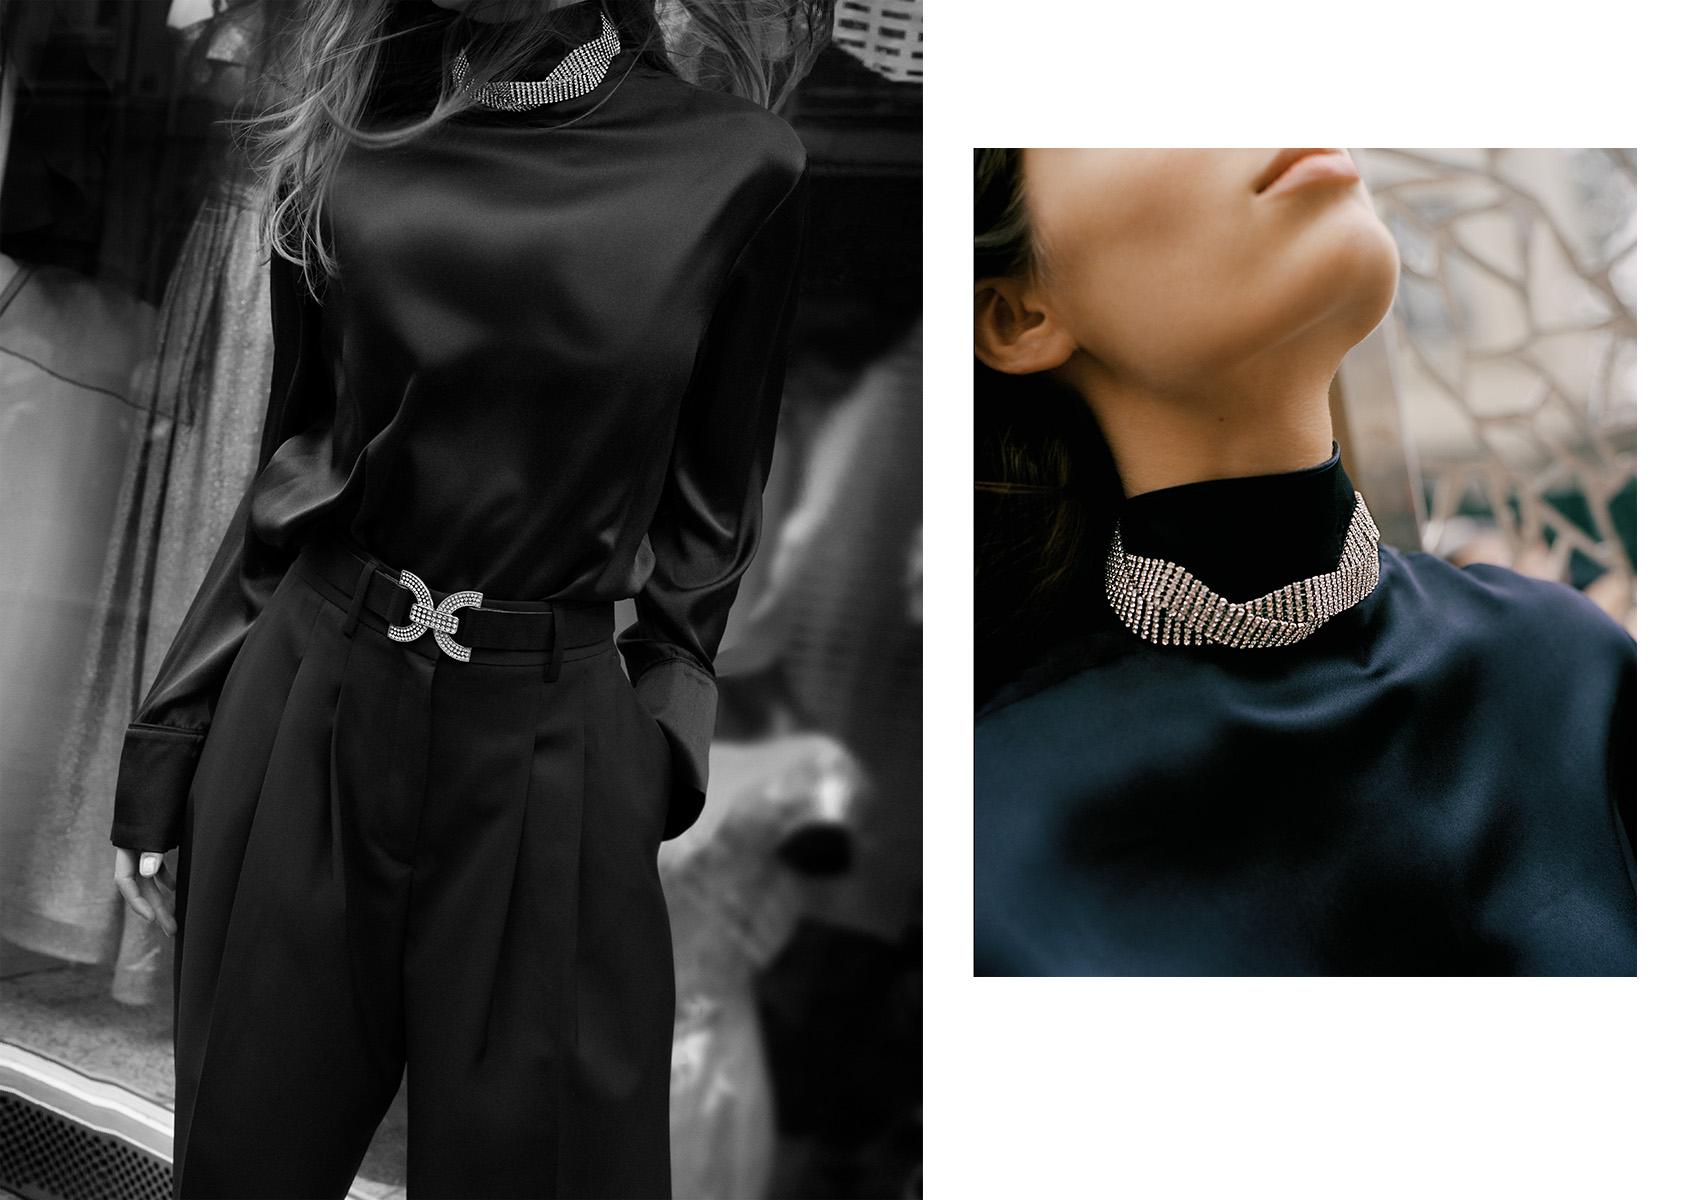 H&M 라인스톤 버클 벨트와 롤넥 위에 걸친 H&M 초커